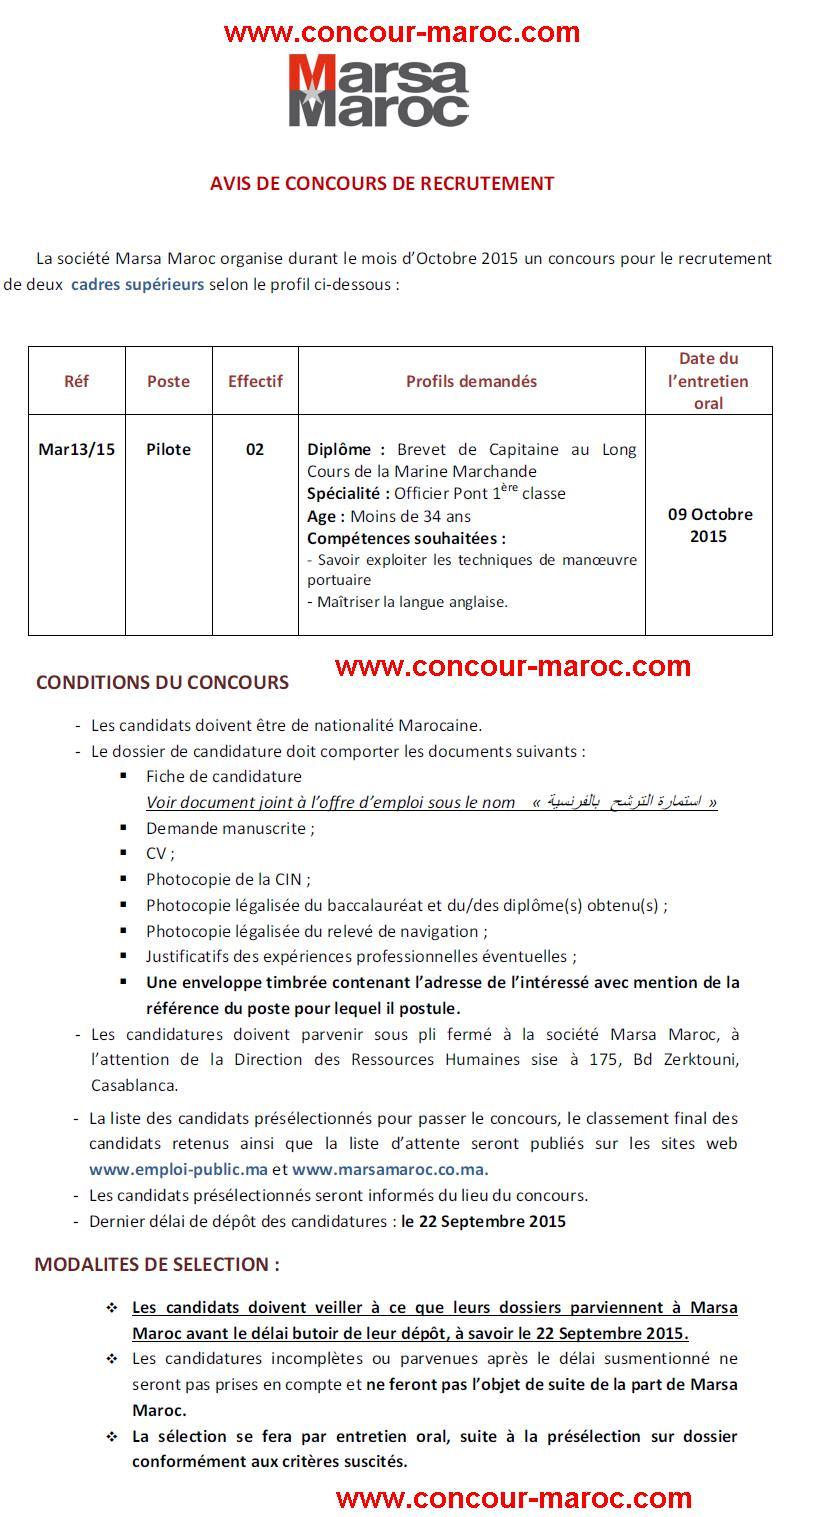 شركة استغلال الموانئ (مرسى ماروك) : مباراة لتوظيف إلكتروميكانيكي Eléctromécanicien (1 منصب) و ربان Pilote (2 منصبان) آخر أجل لإيداع الترشيحات 22 شتنبر 2015 Concou21